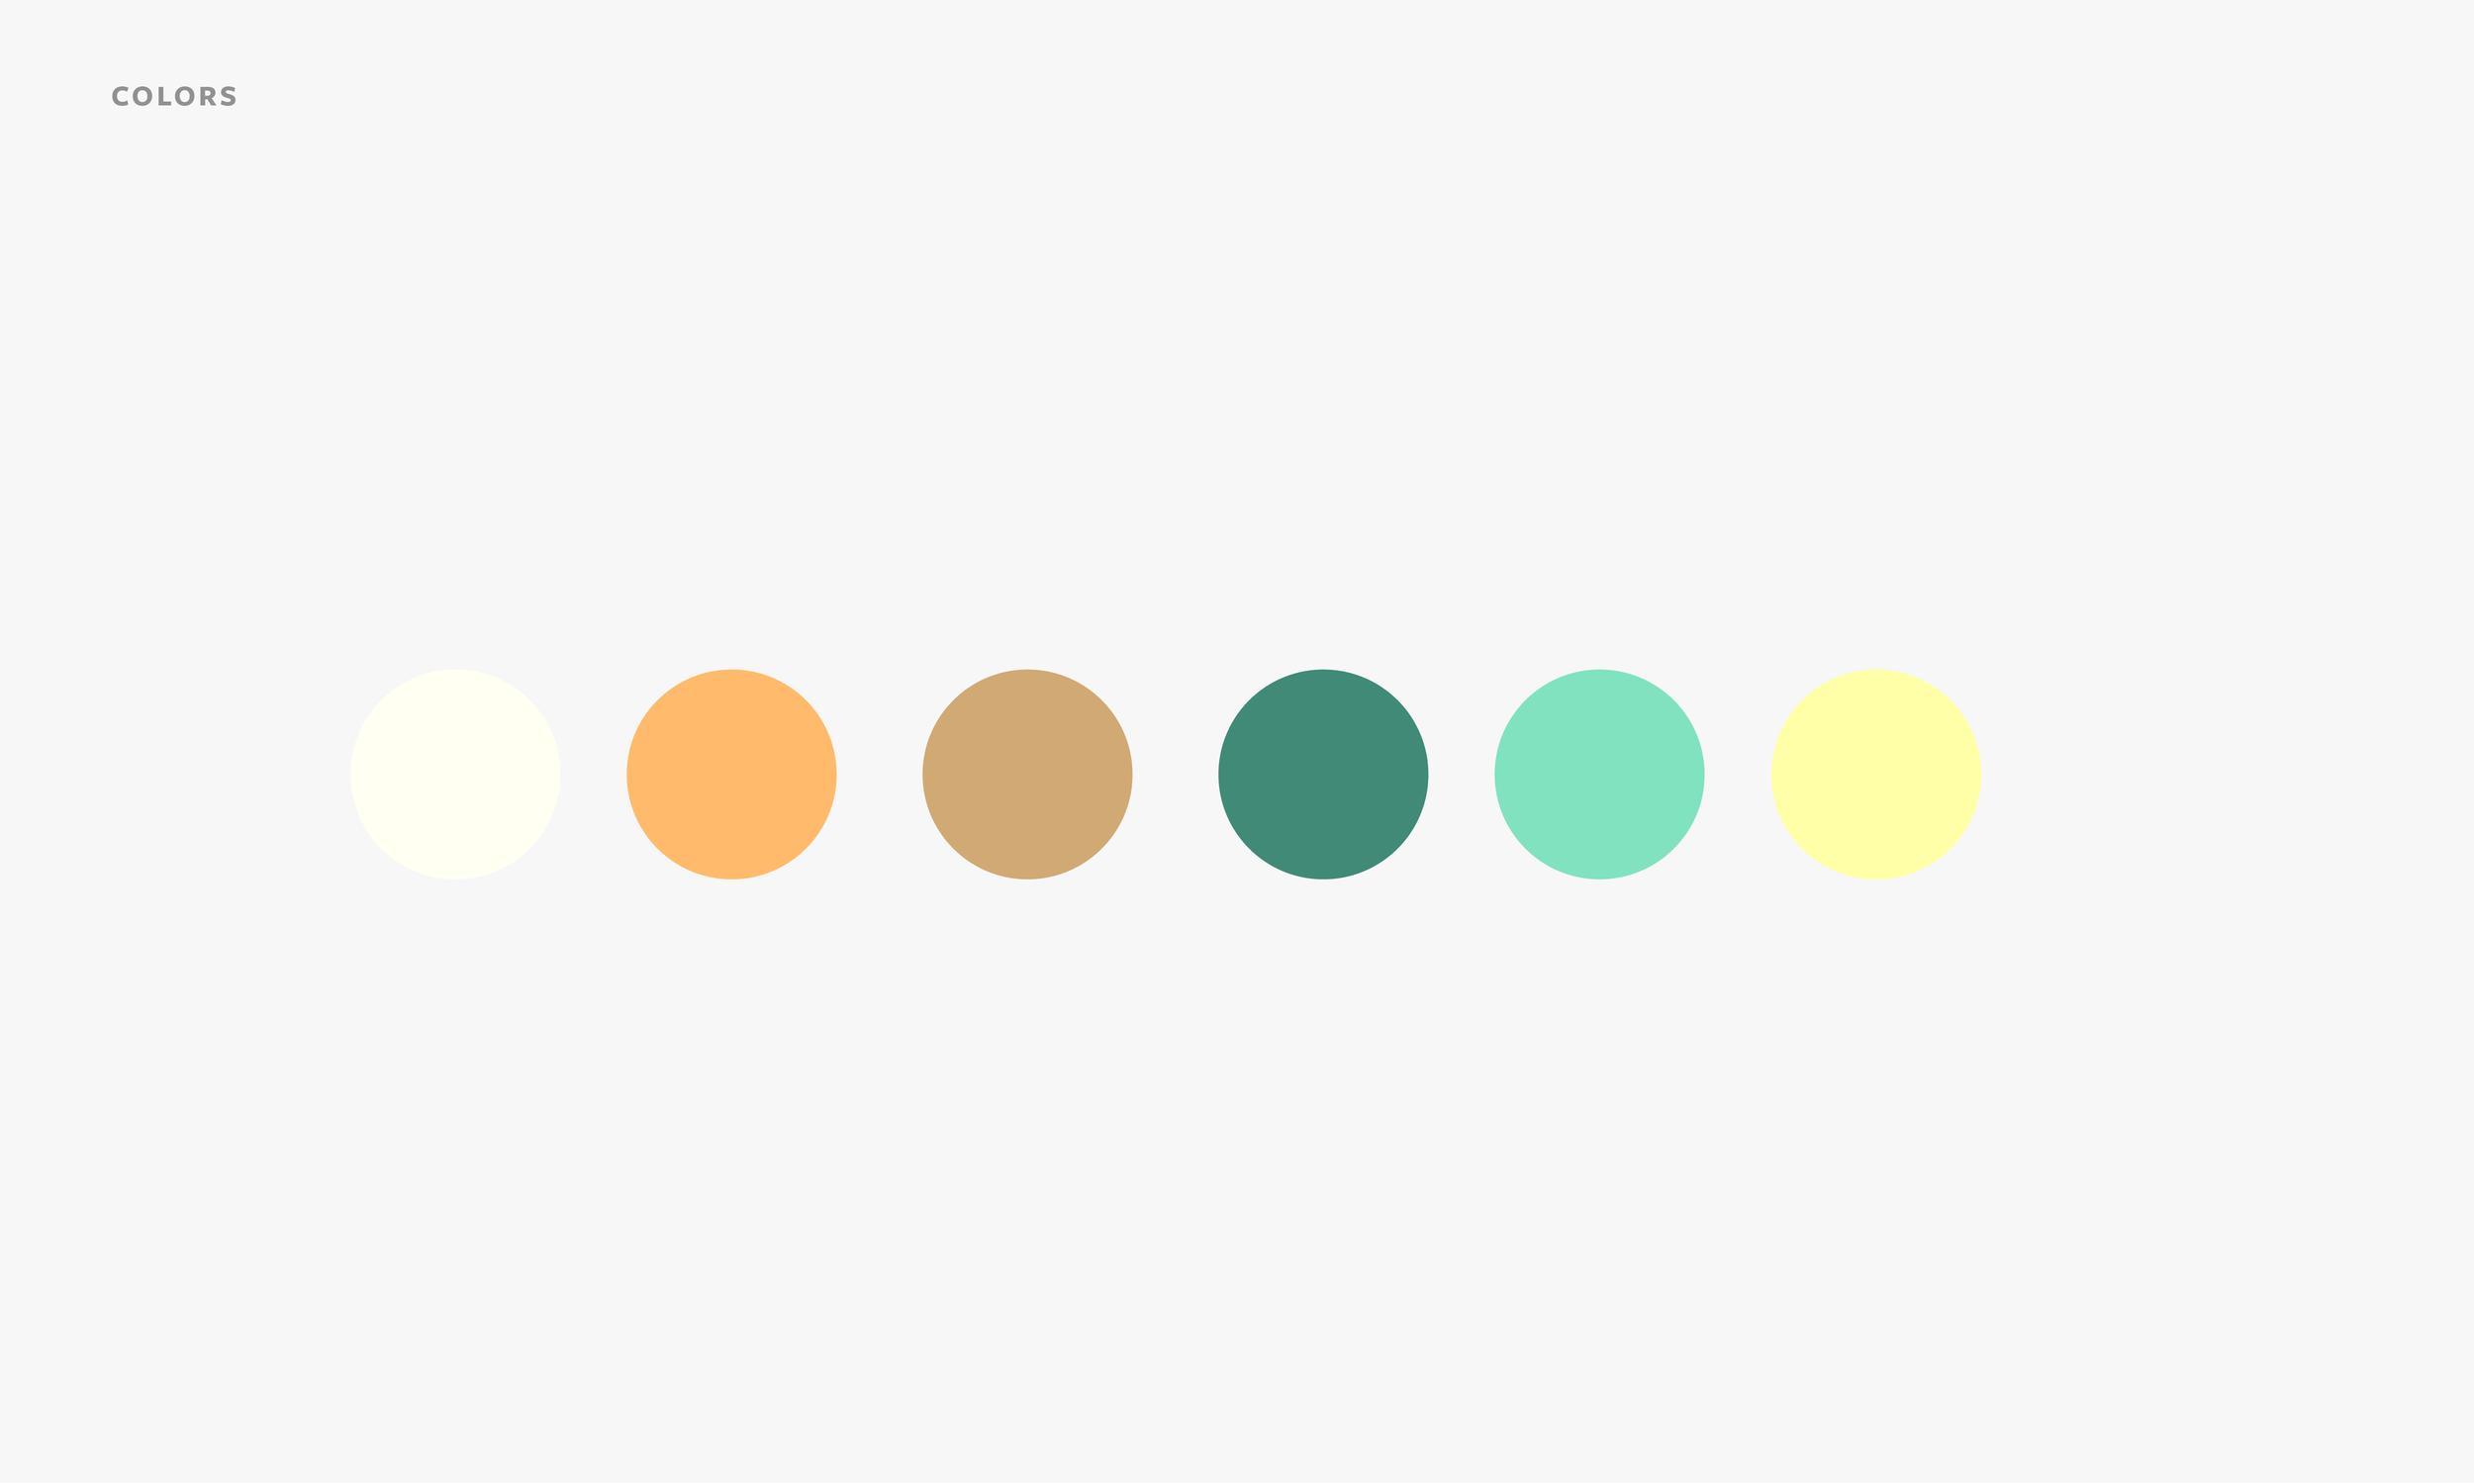 Nico_Gray_Design_Yoshi&I_Colors.png